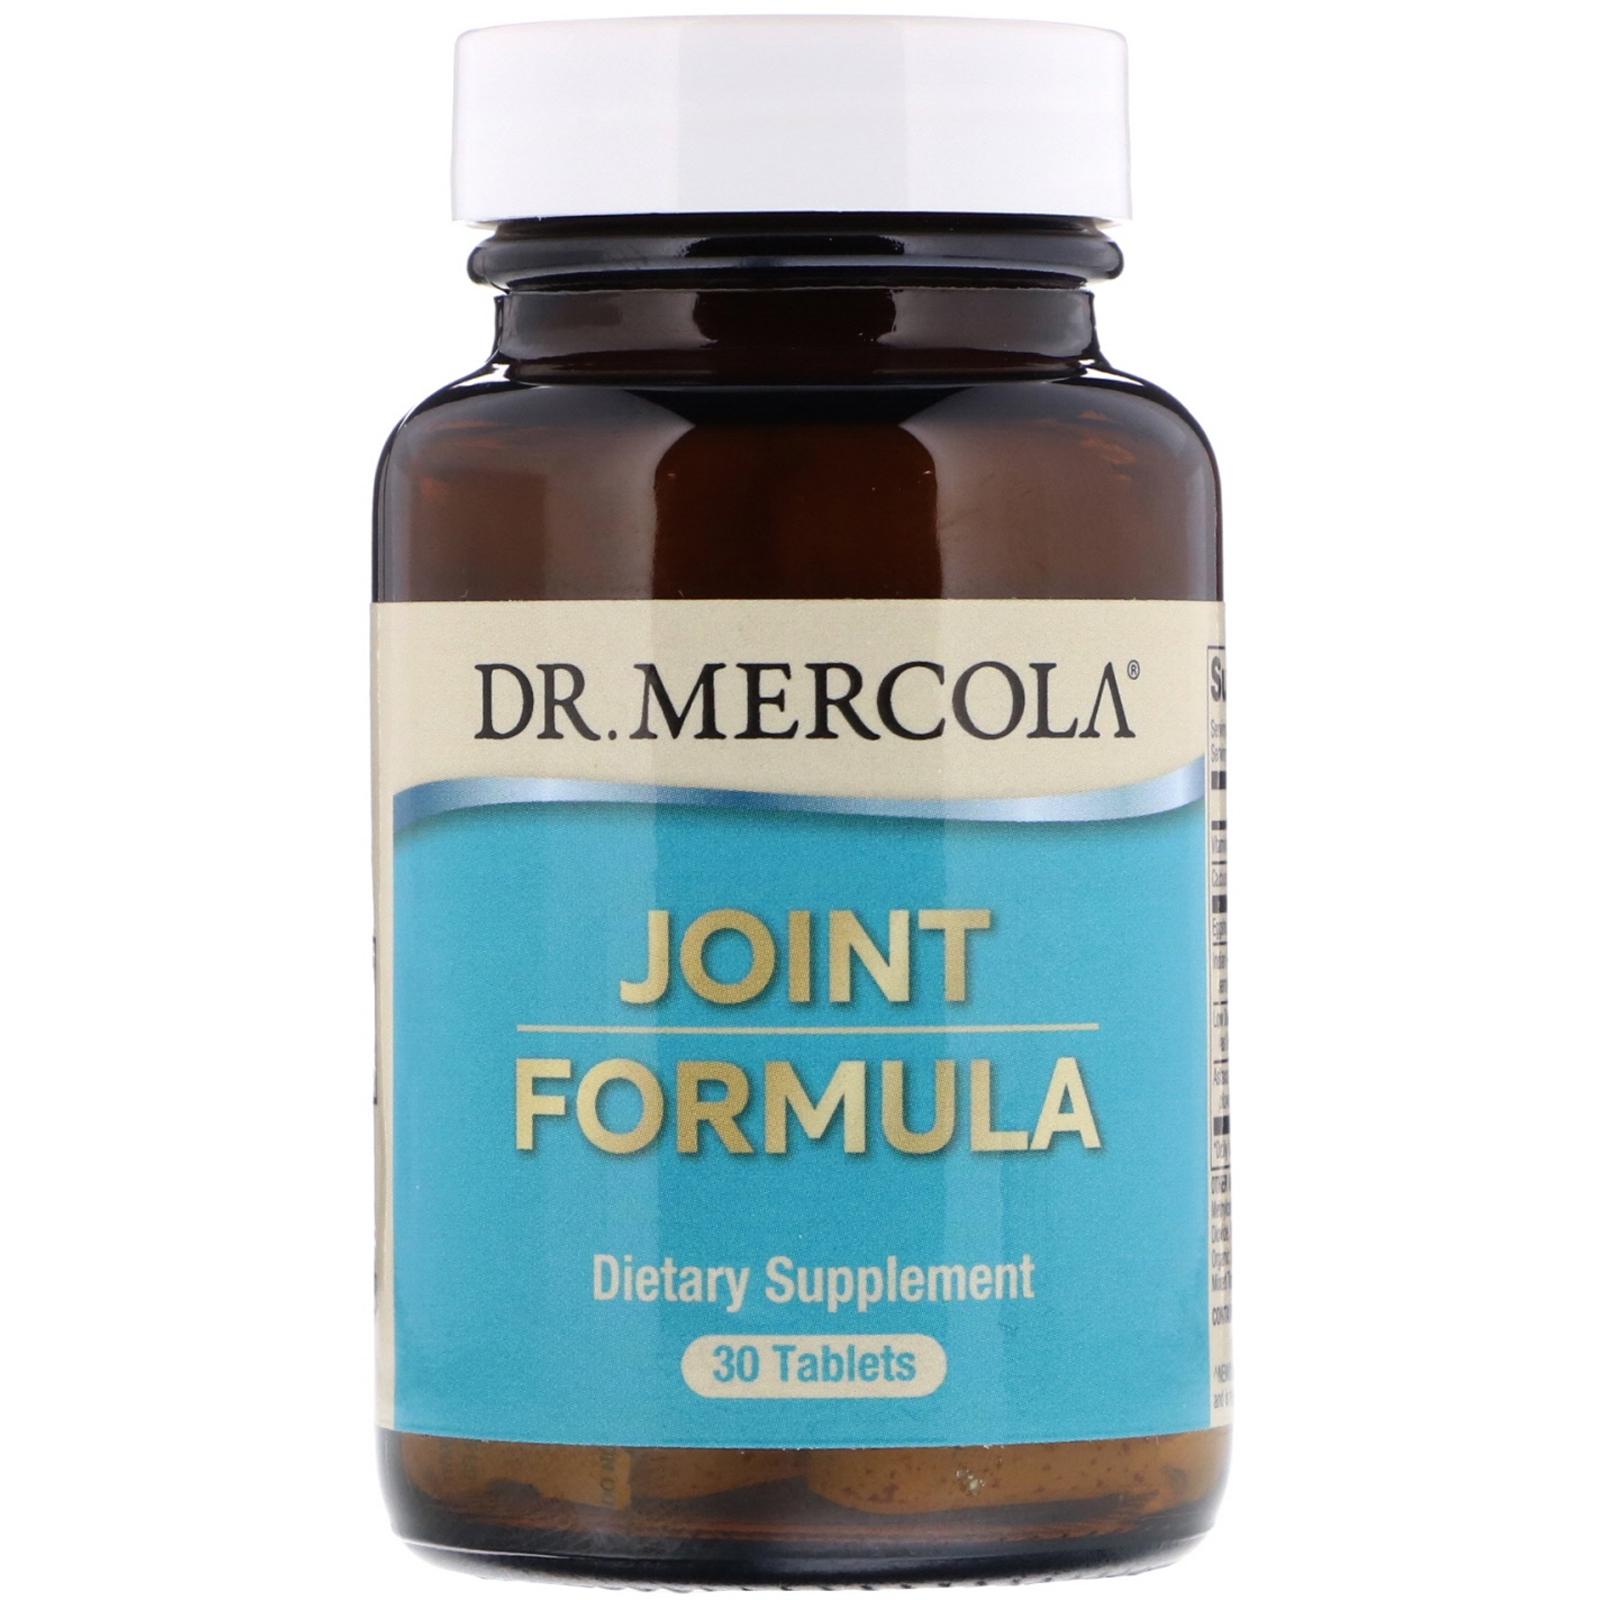 Image of Dr. Mercola, Formula congiunta con HA plus BiovaFlex, 30 Capsules 0813006012508